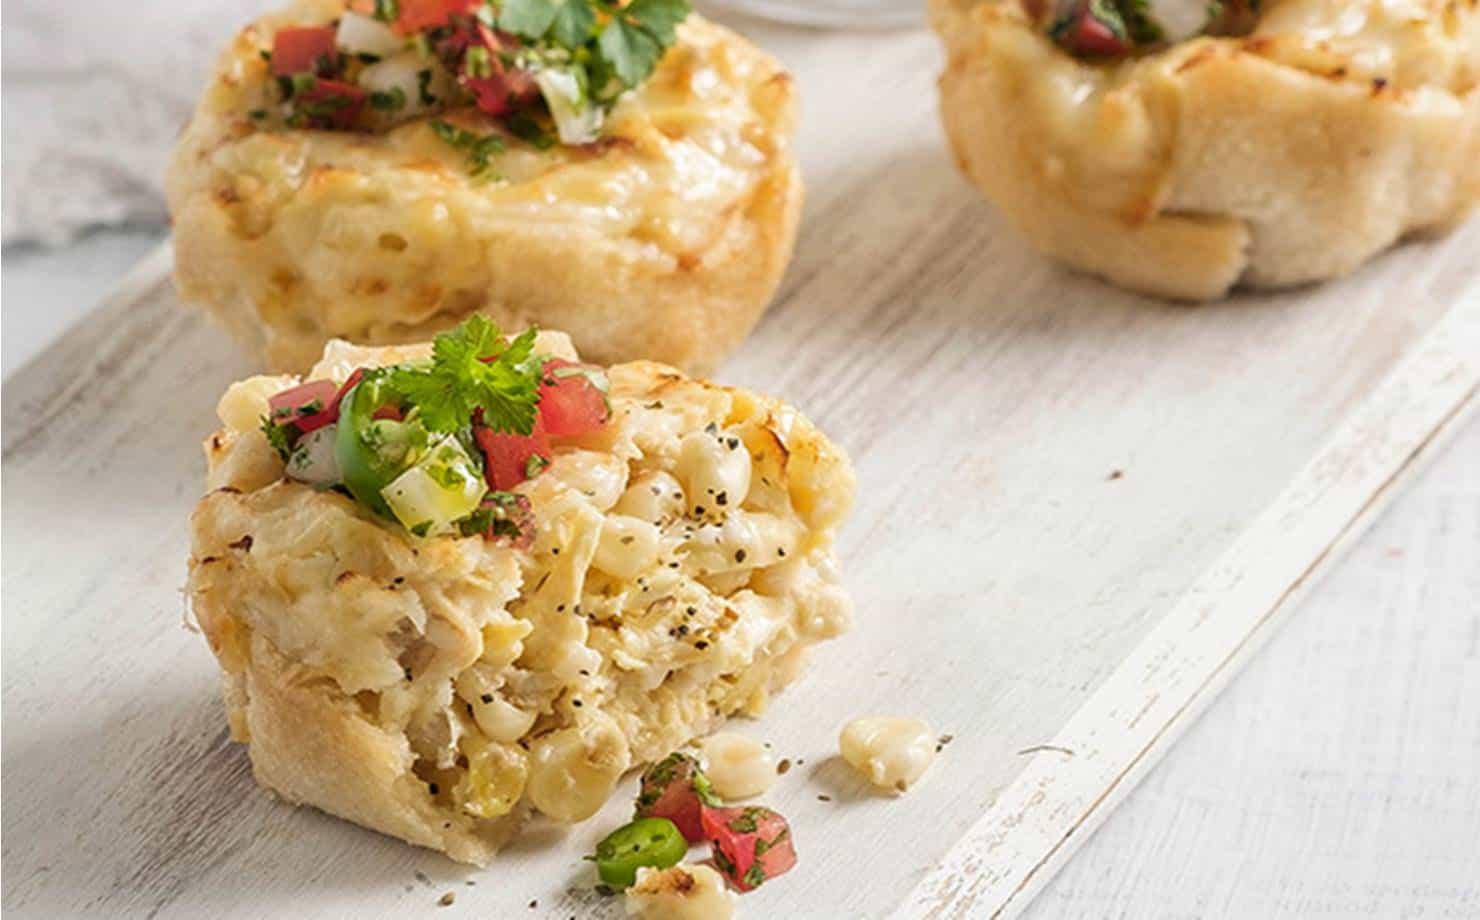 Muffins de pão com recheio de frango: um lanche fácil e delicioso